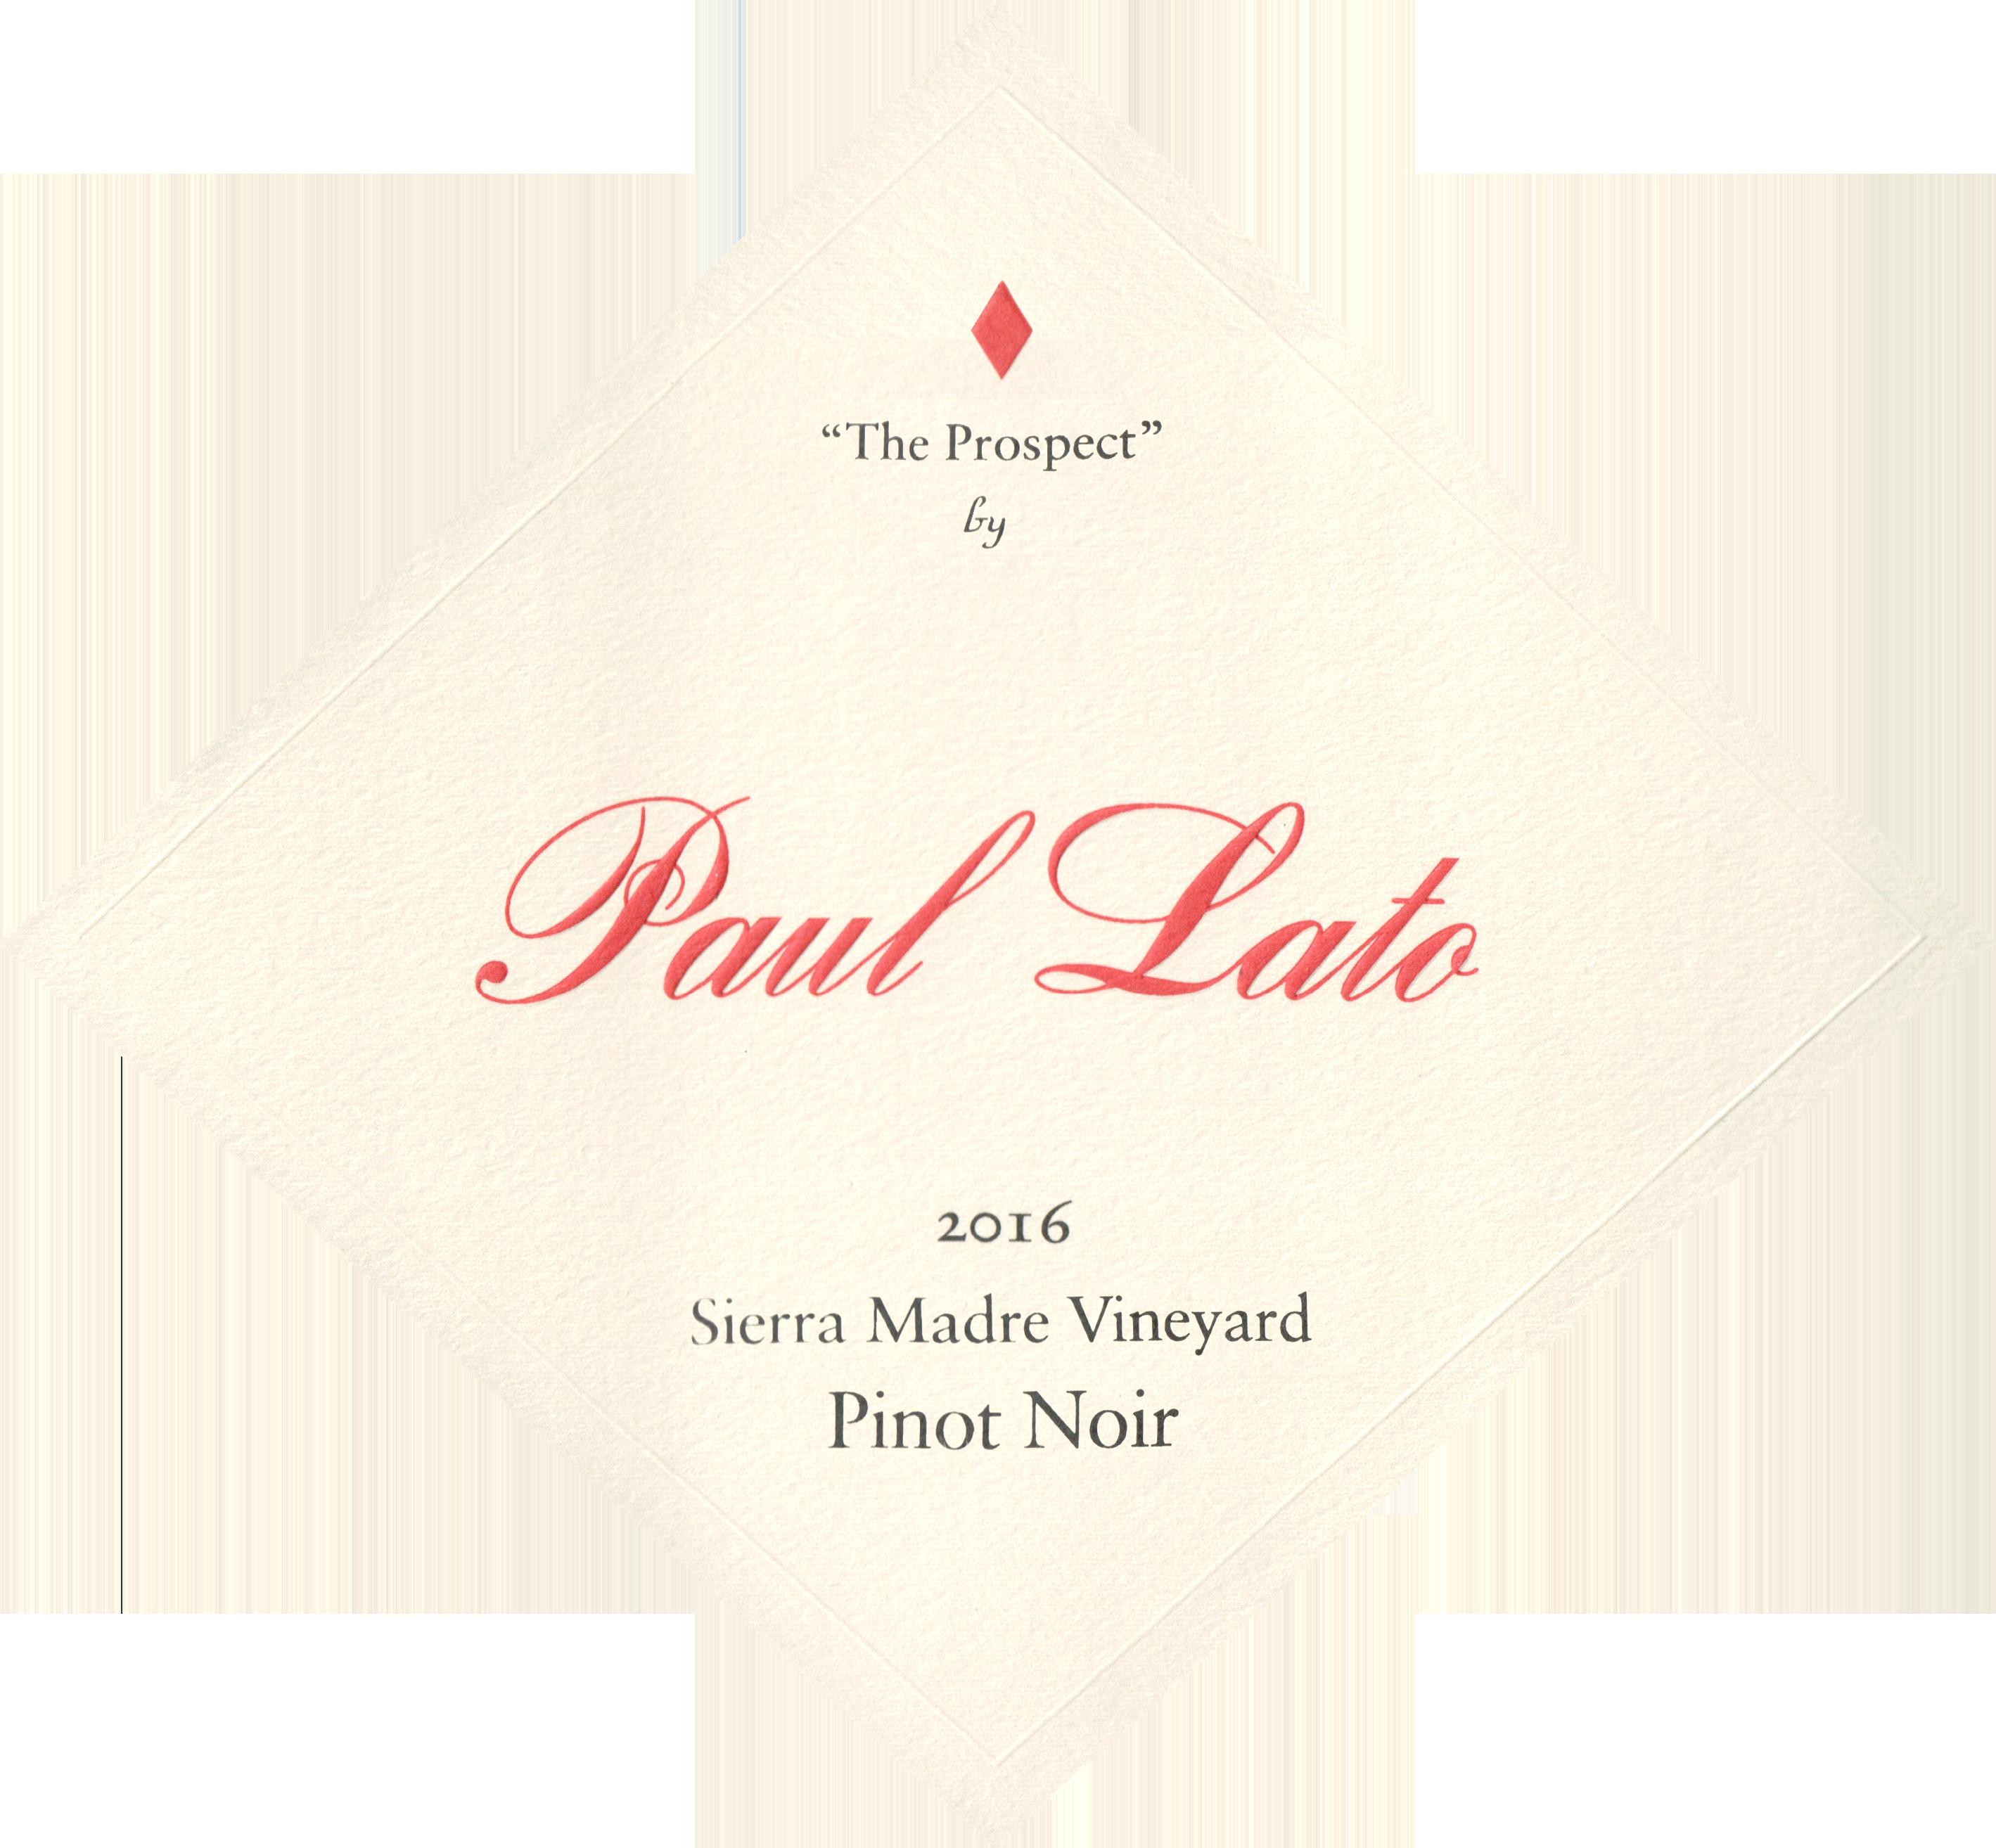 Paul Lato The Prospect Sierra Madre Pinot Noir 2016